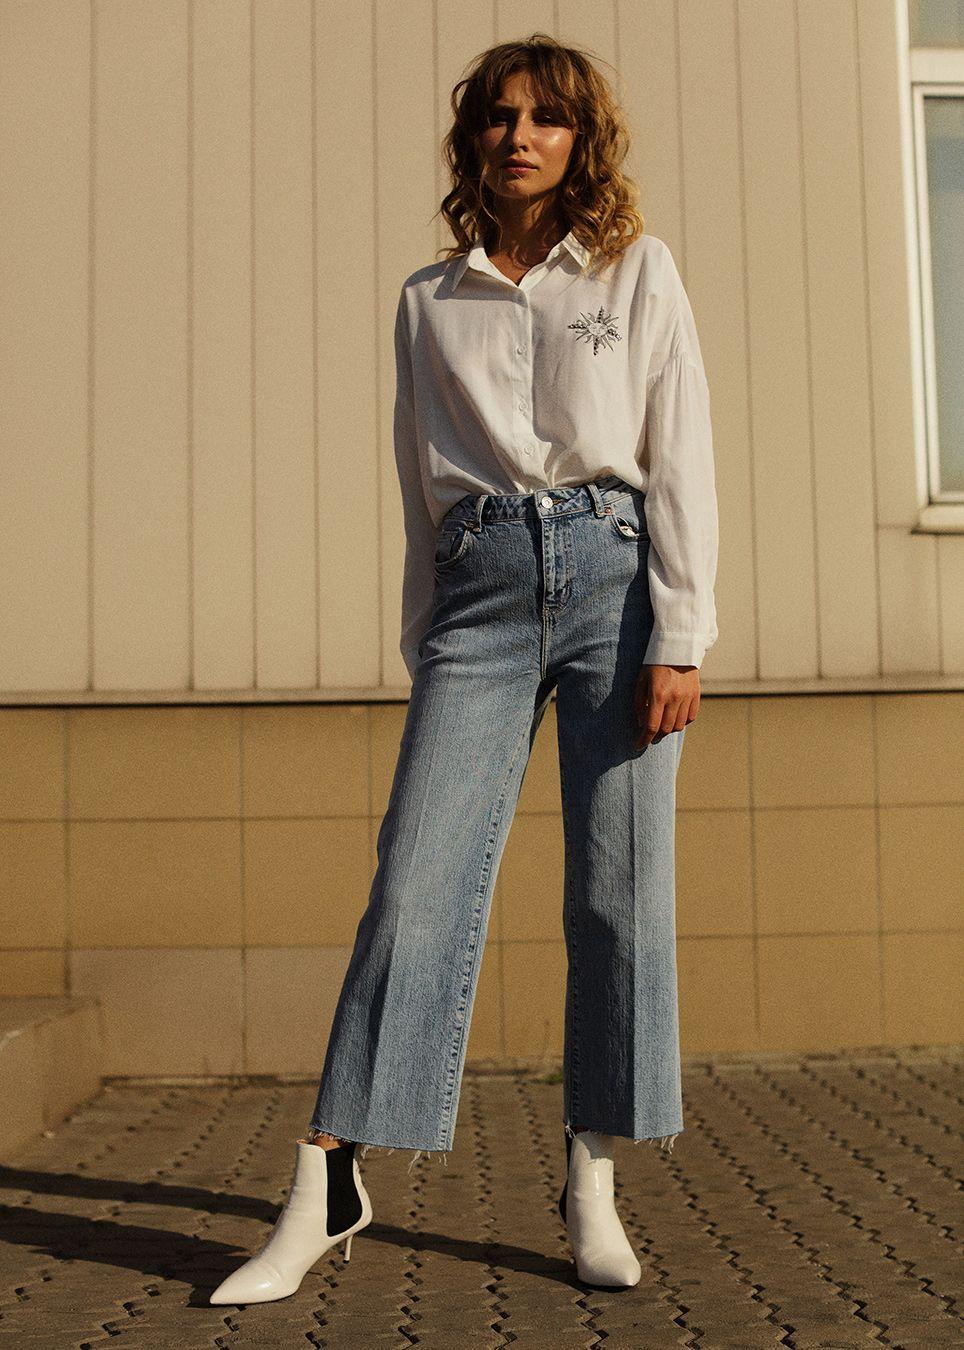 Рубашка с джинсами клеш in 2020 | Normcore, Fashion, Style